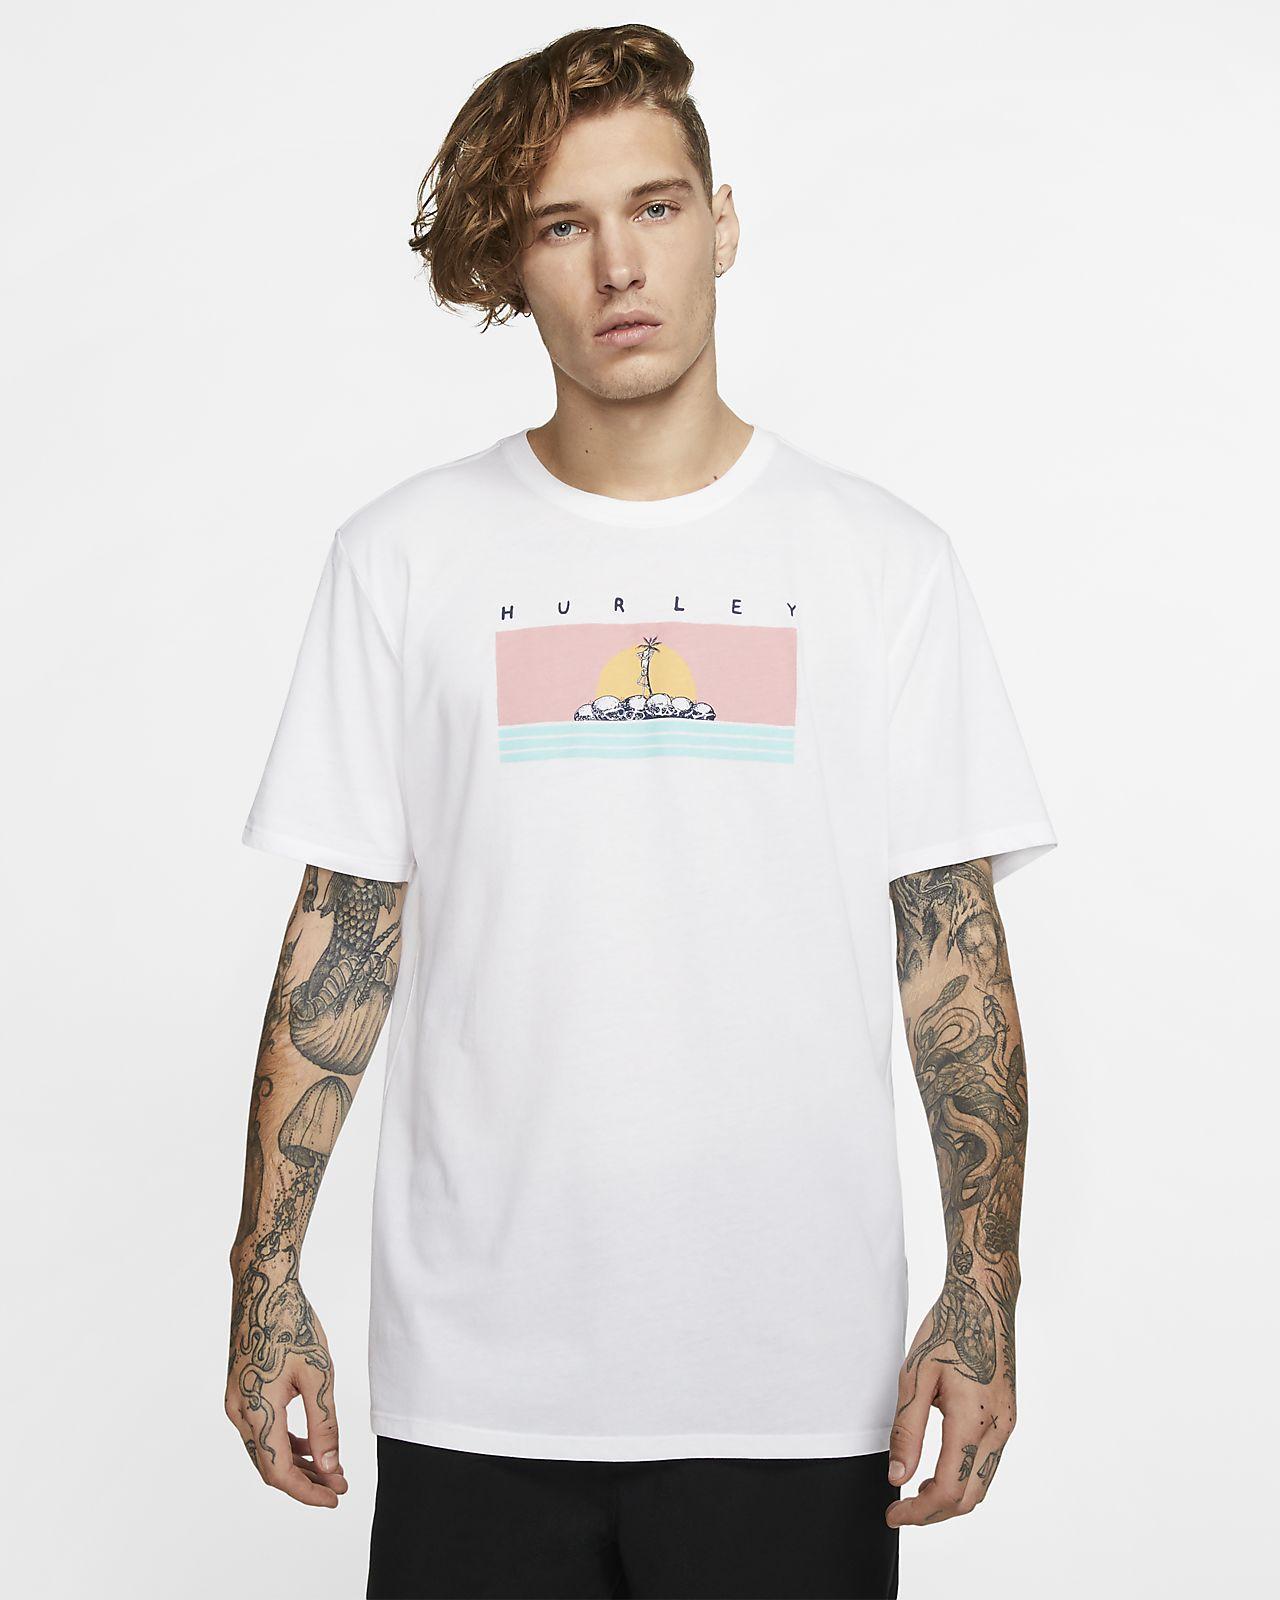 Hurley Dri-FIT Deserted Men's Premium Fit T-Shirt